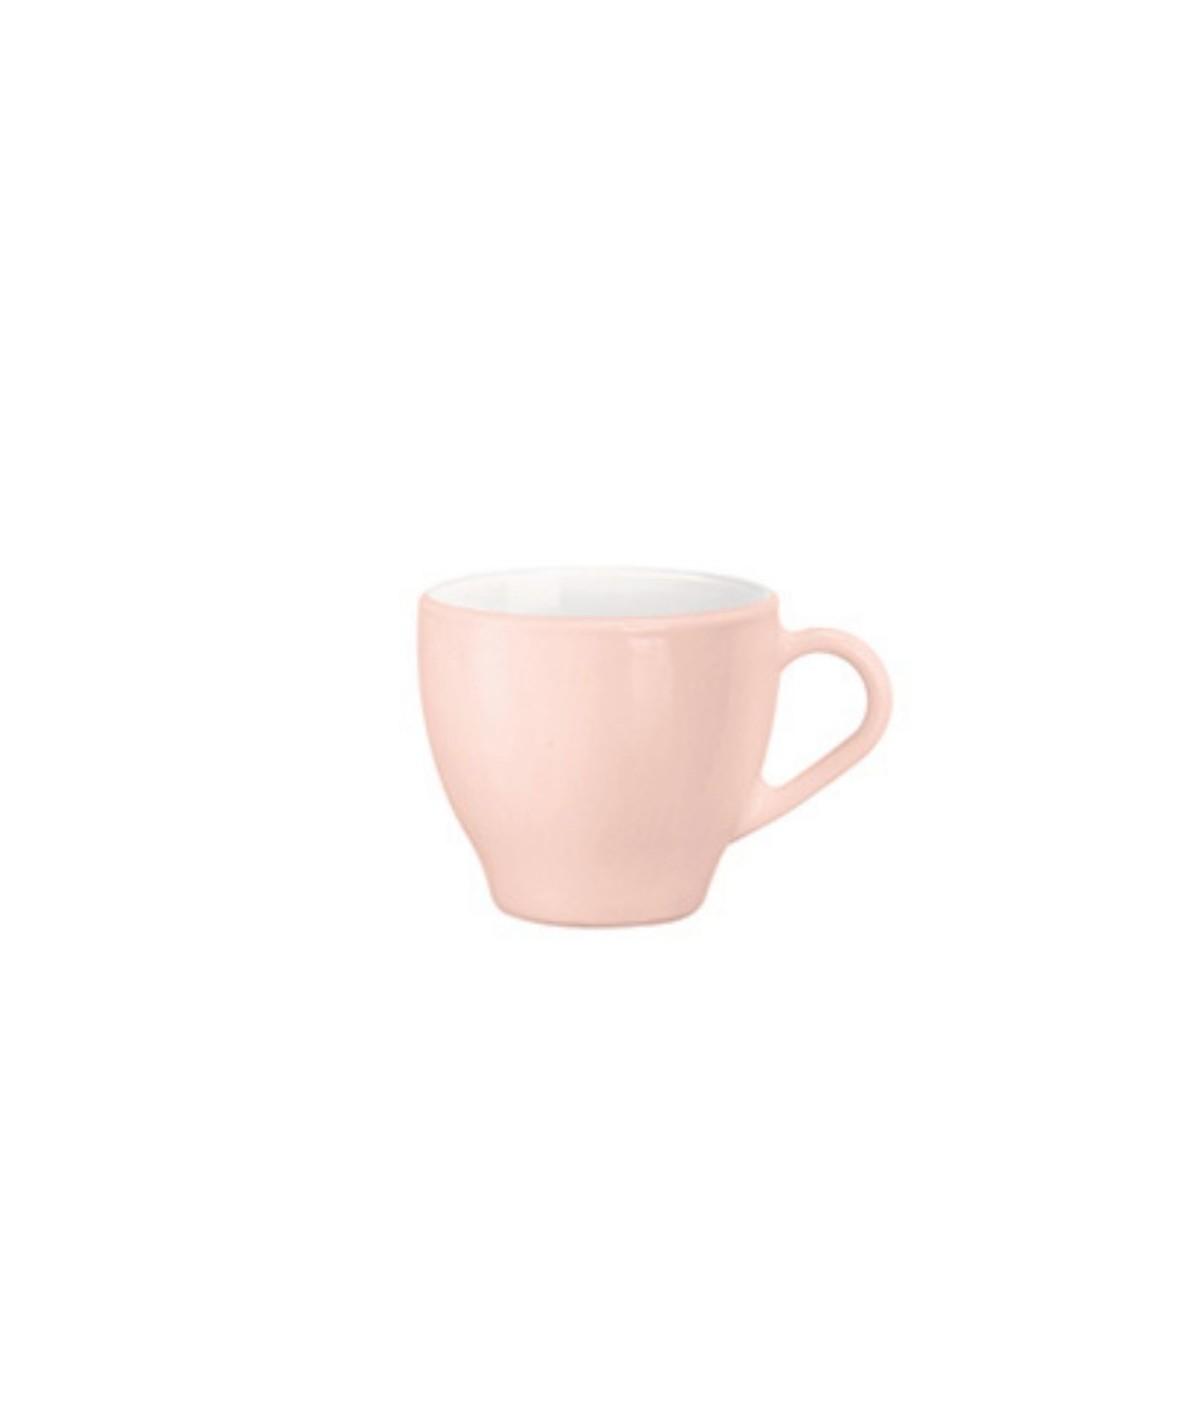 Tazze da thè rosa Aromateca...